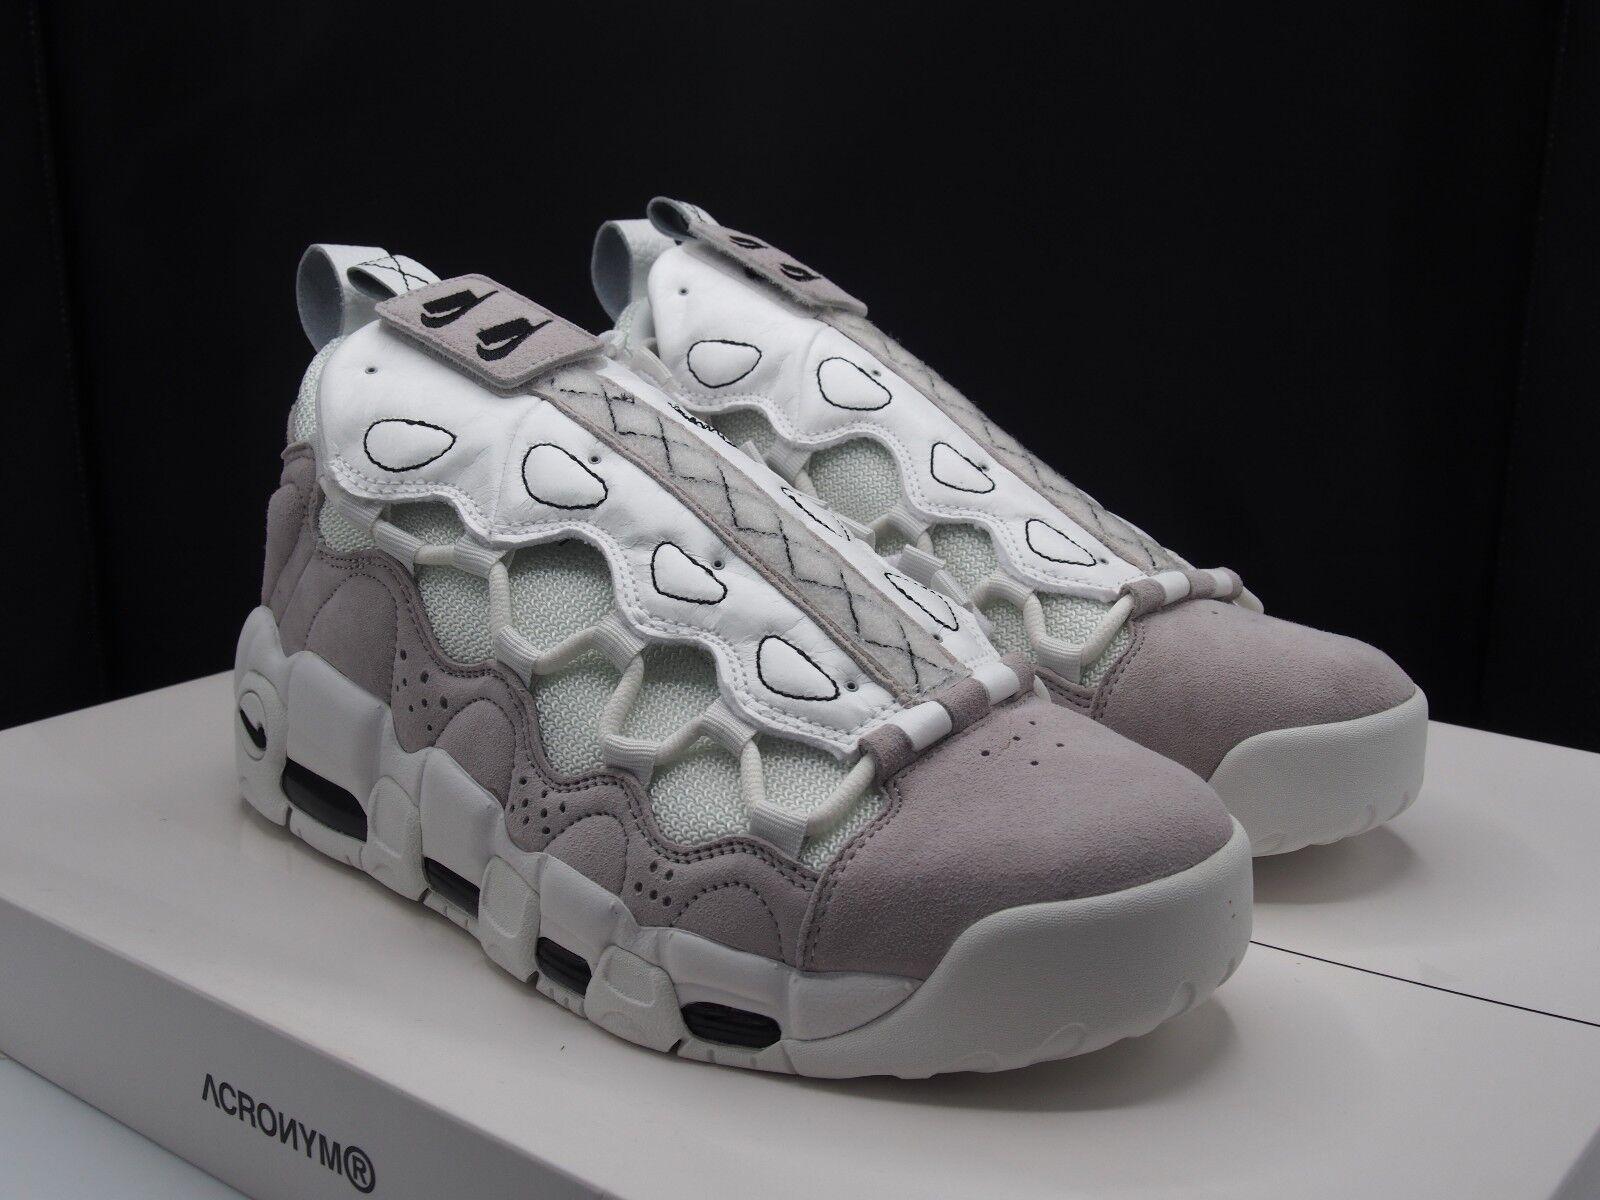 Nike air mehr geld - - - 59c558